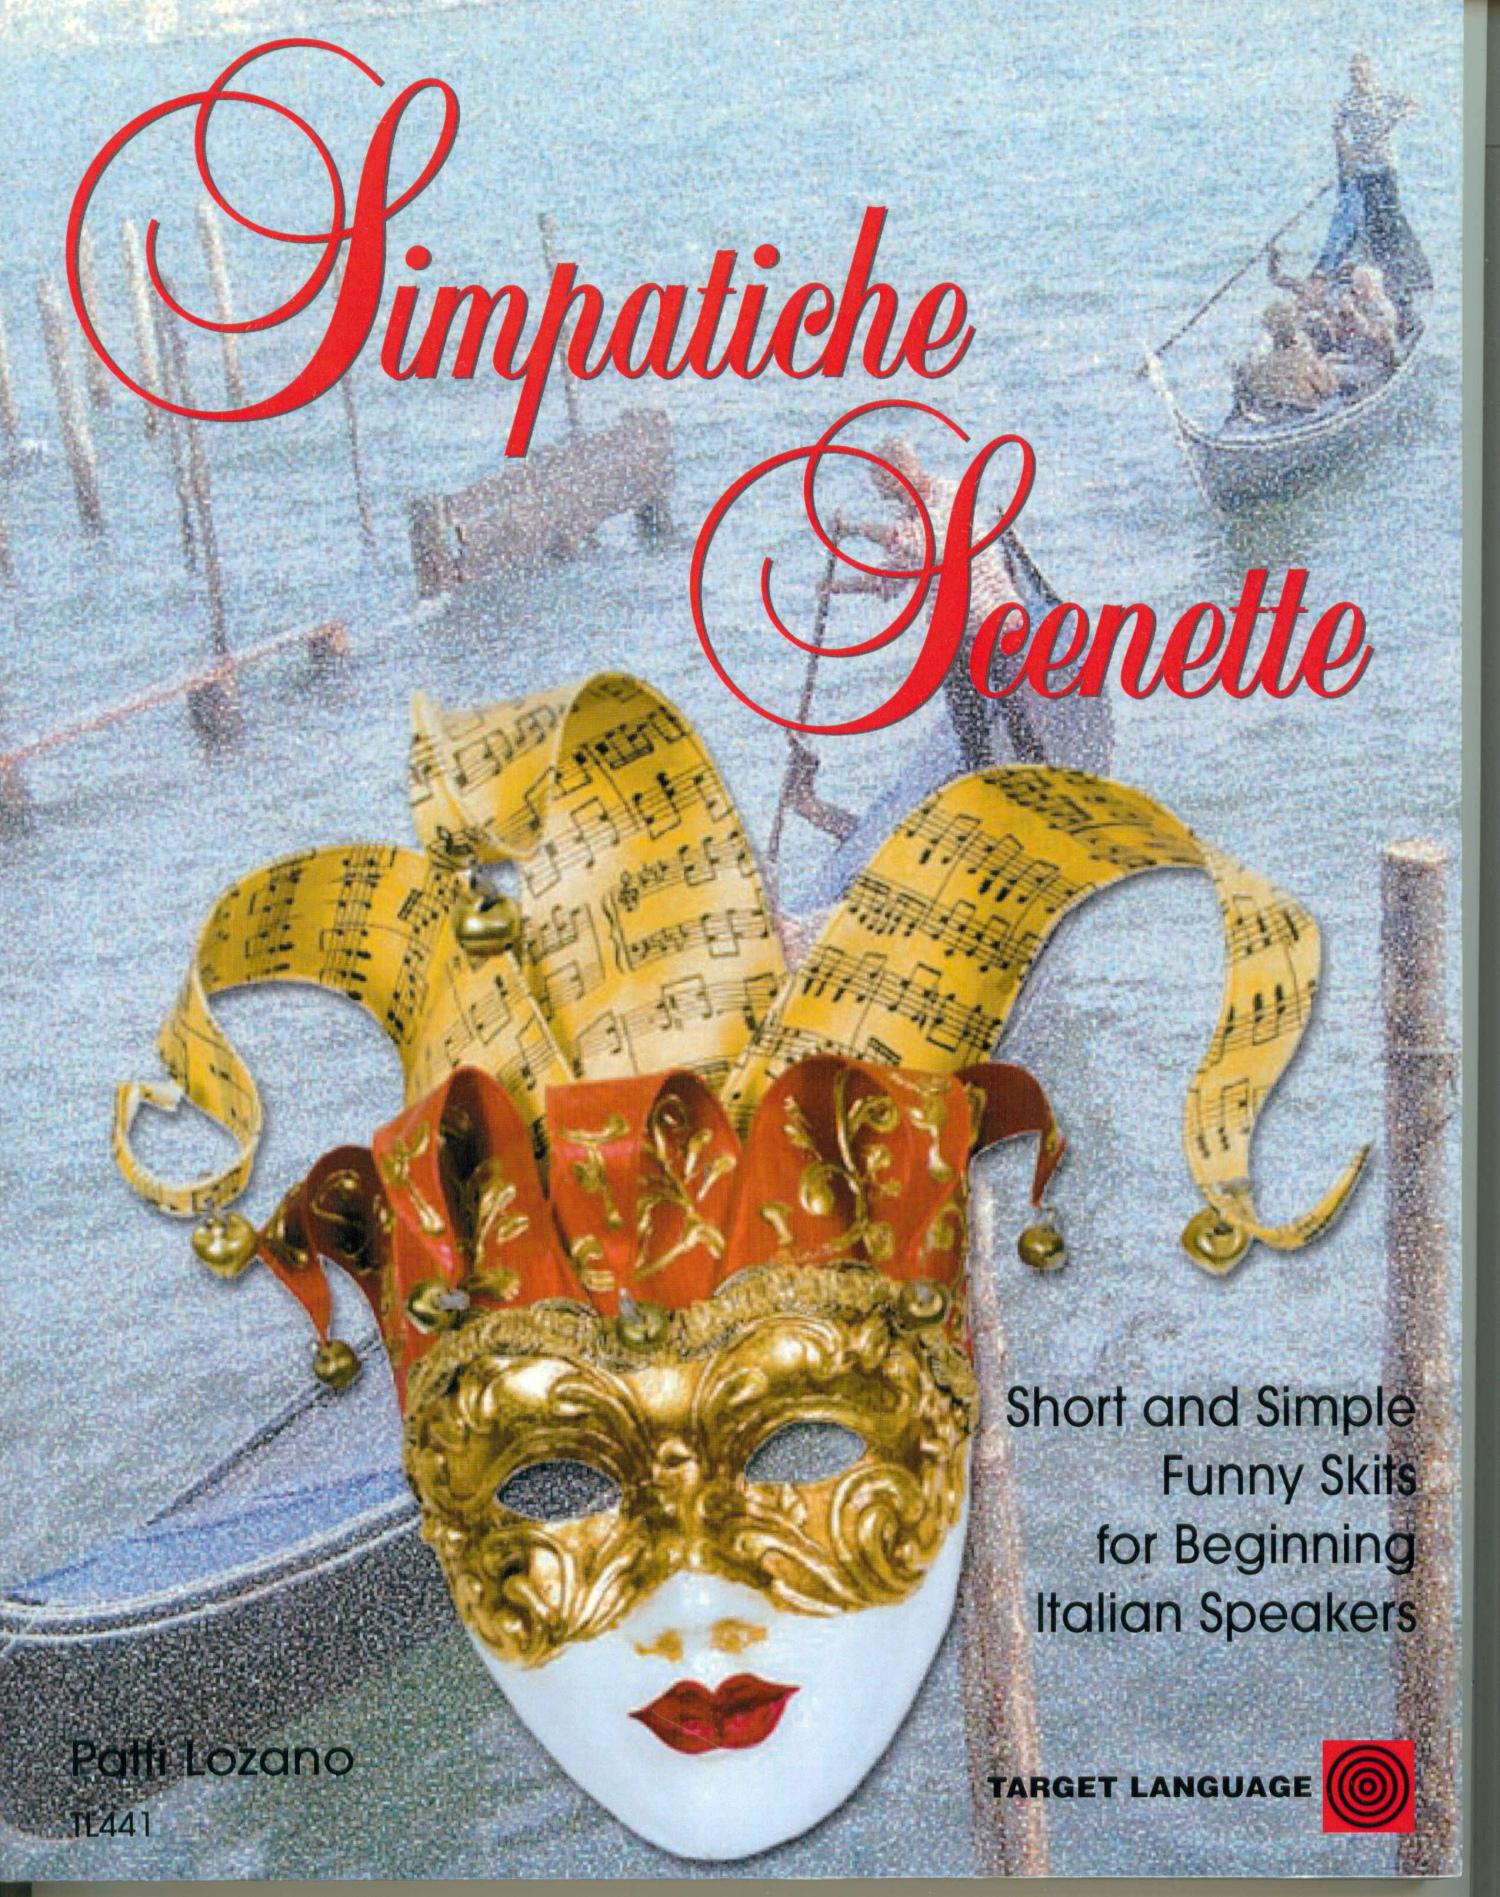 Simpatiche_scenette_cover